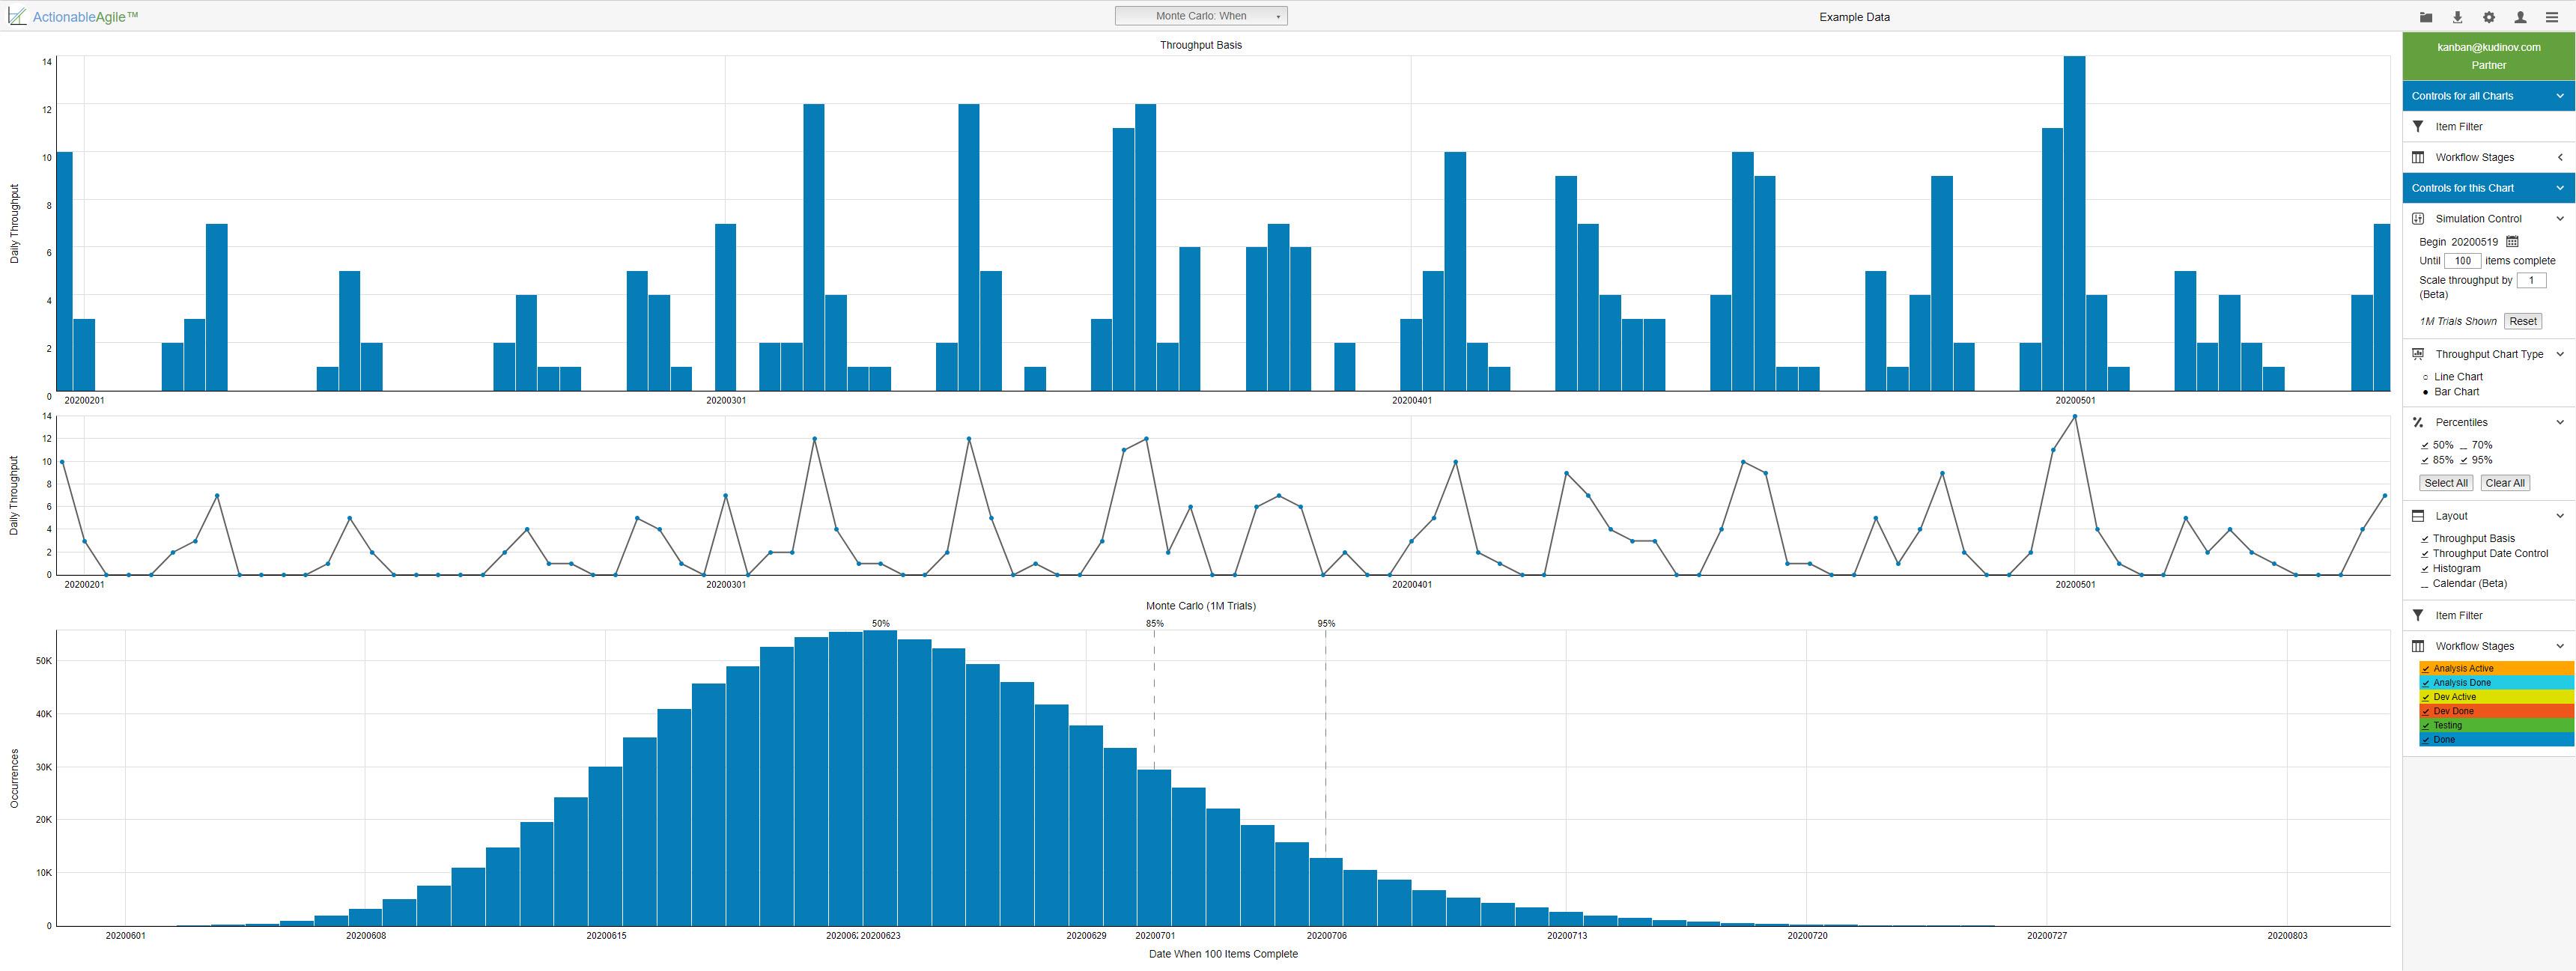 Agile Metrics - Monte Carlo - When